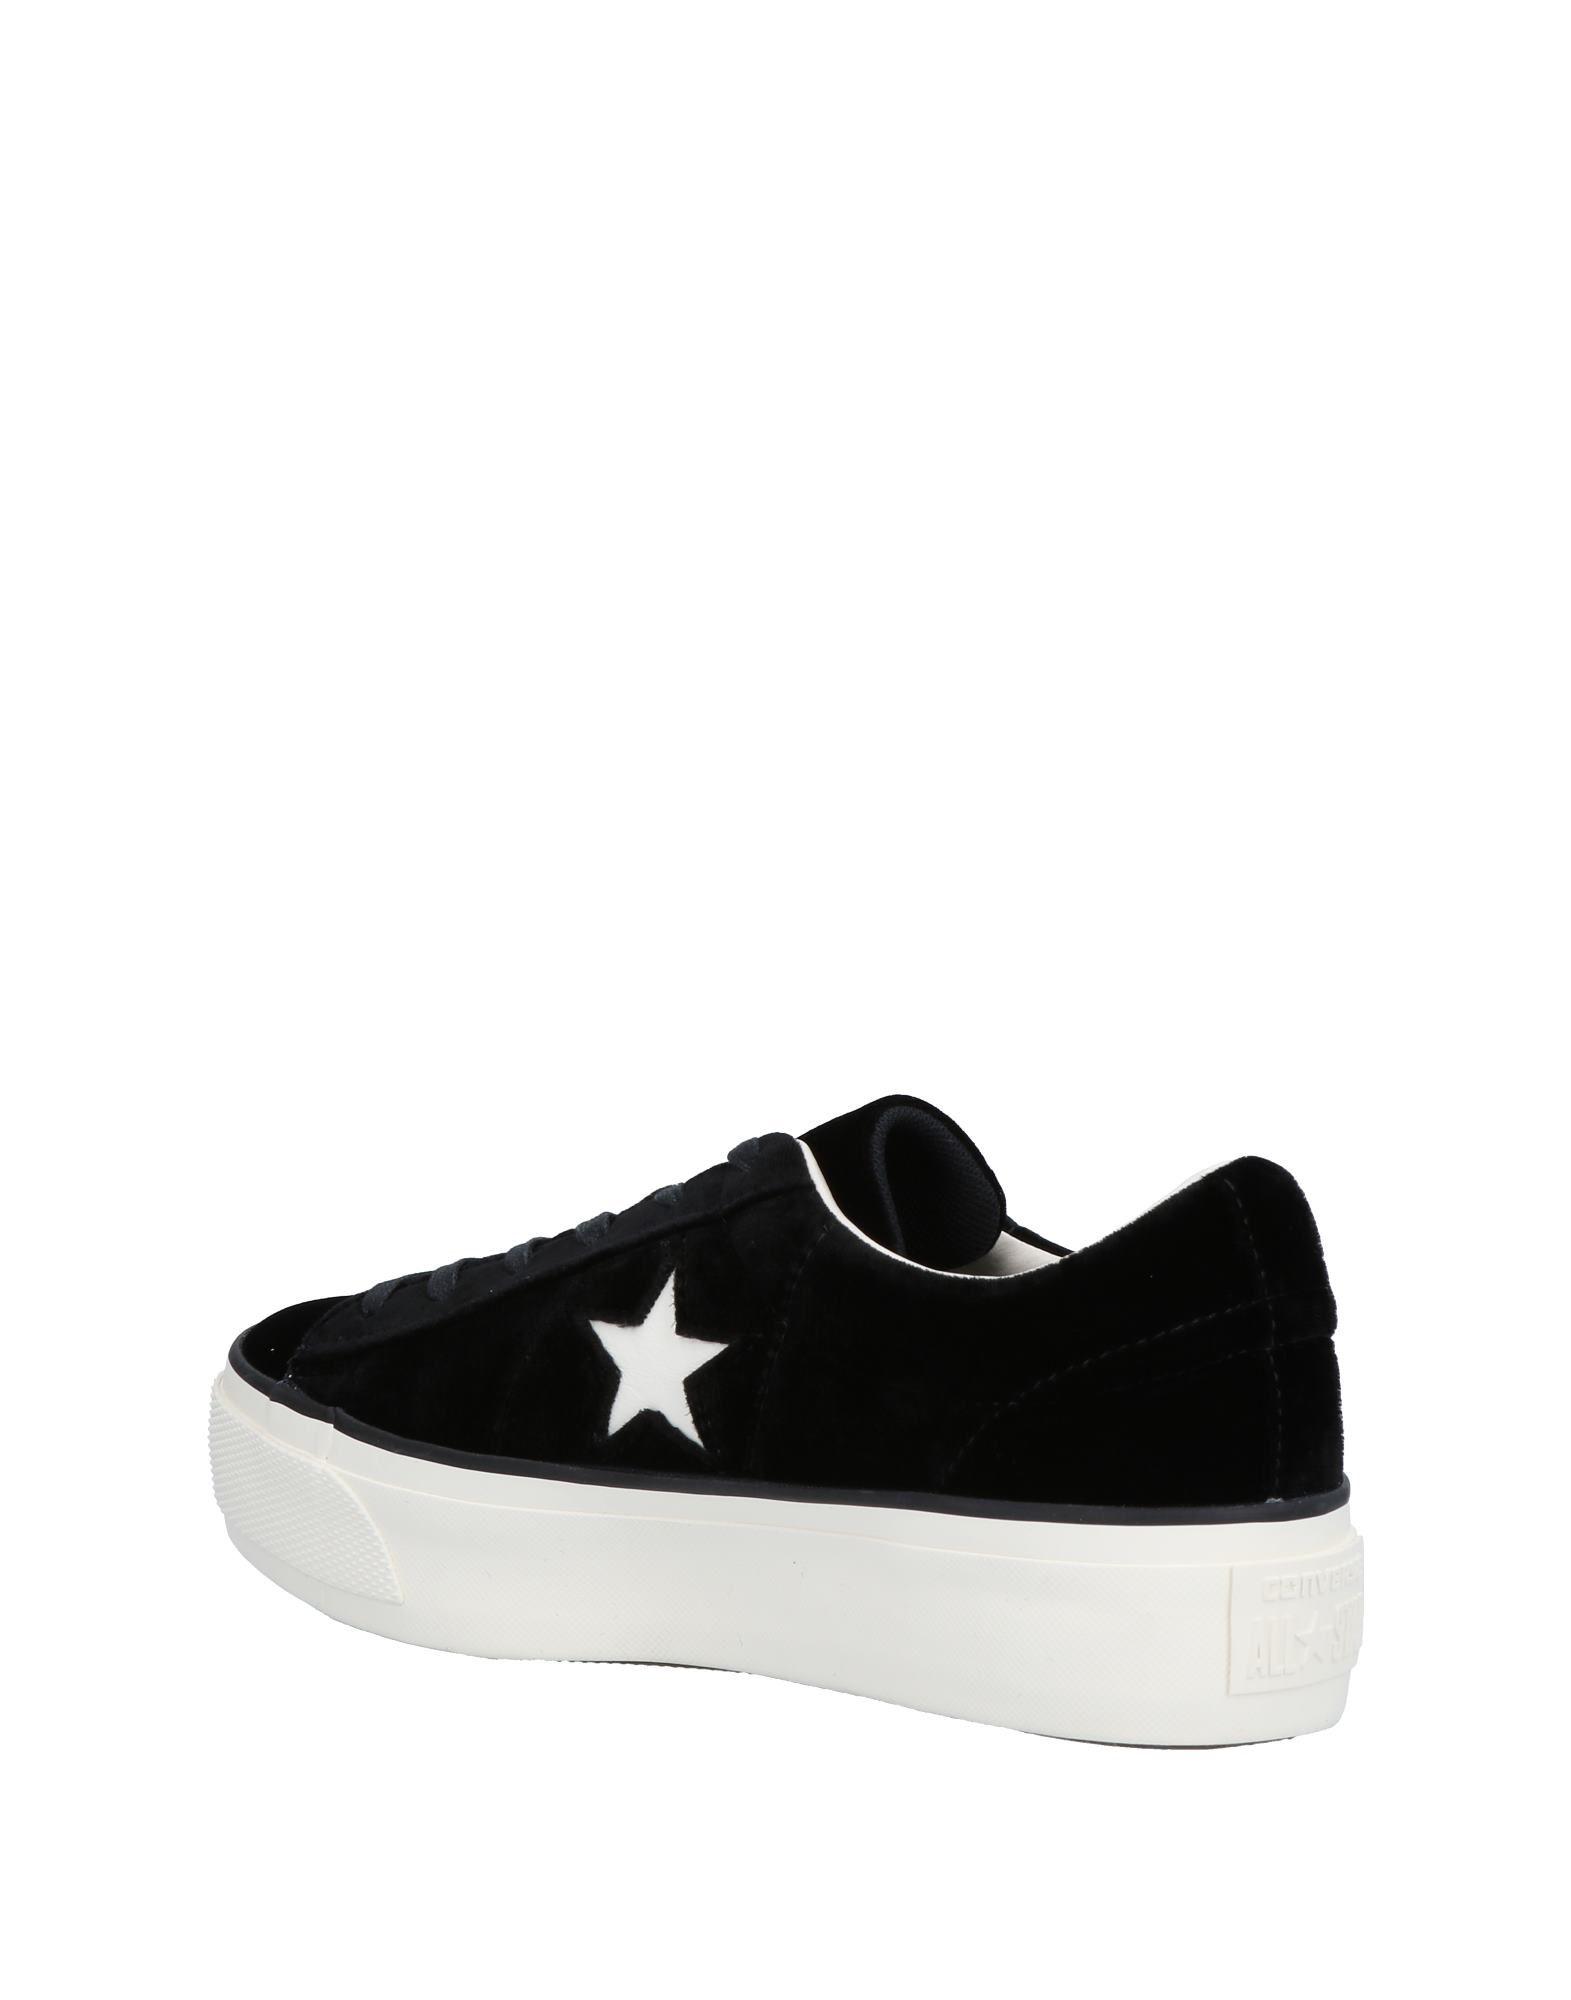 Converse Sneakers Qualität Damen  11493568IG Gute Qualität Sneakers beliebte Schuhe 9ed667